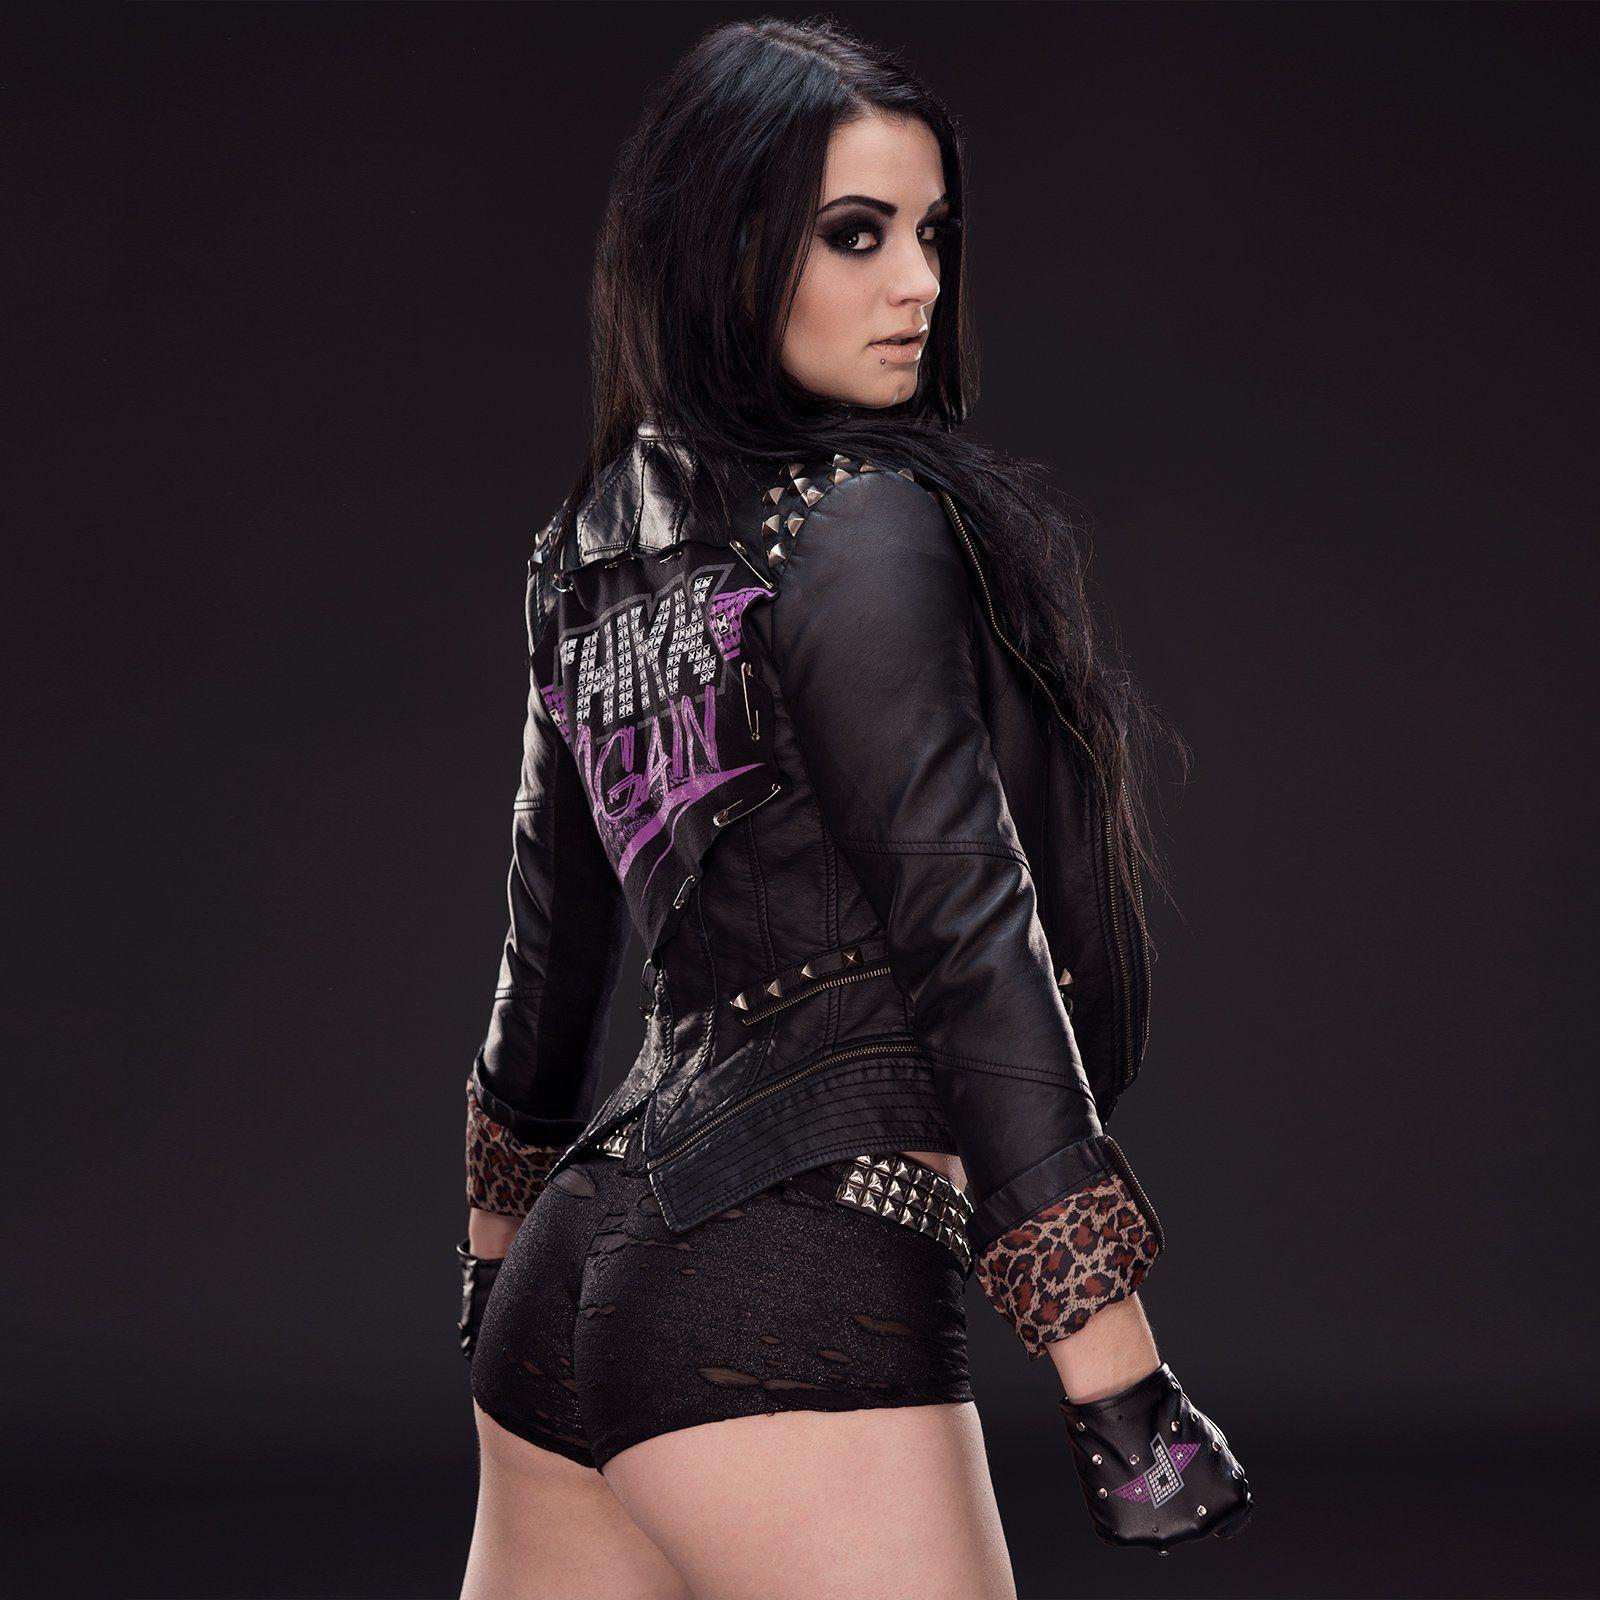 Paige WWE nudes (51 fotos) Pussy, iCloud, braless